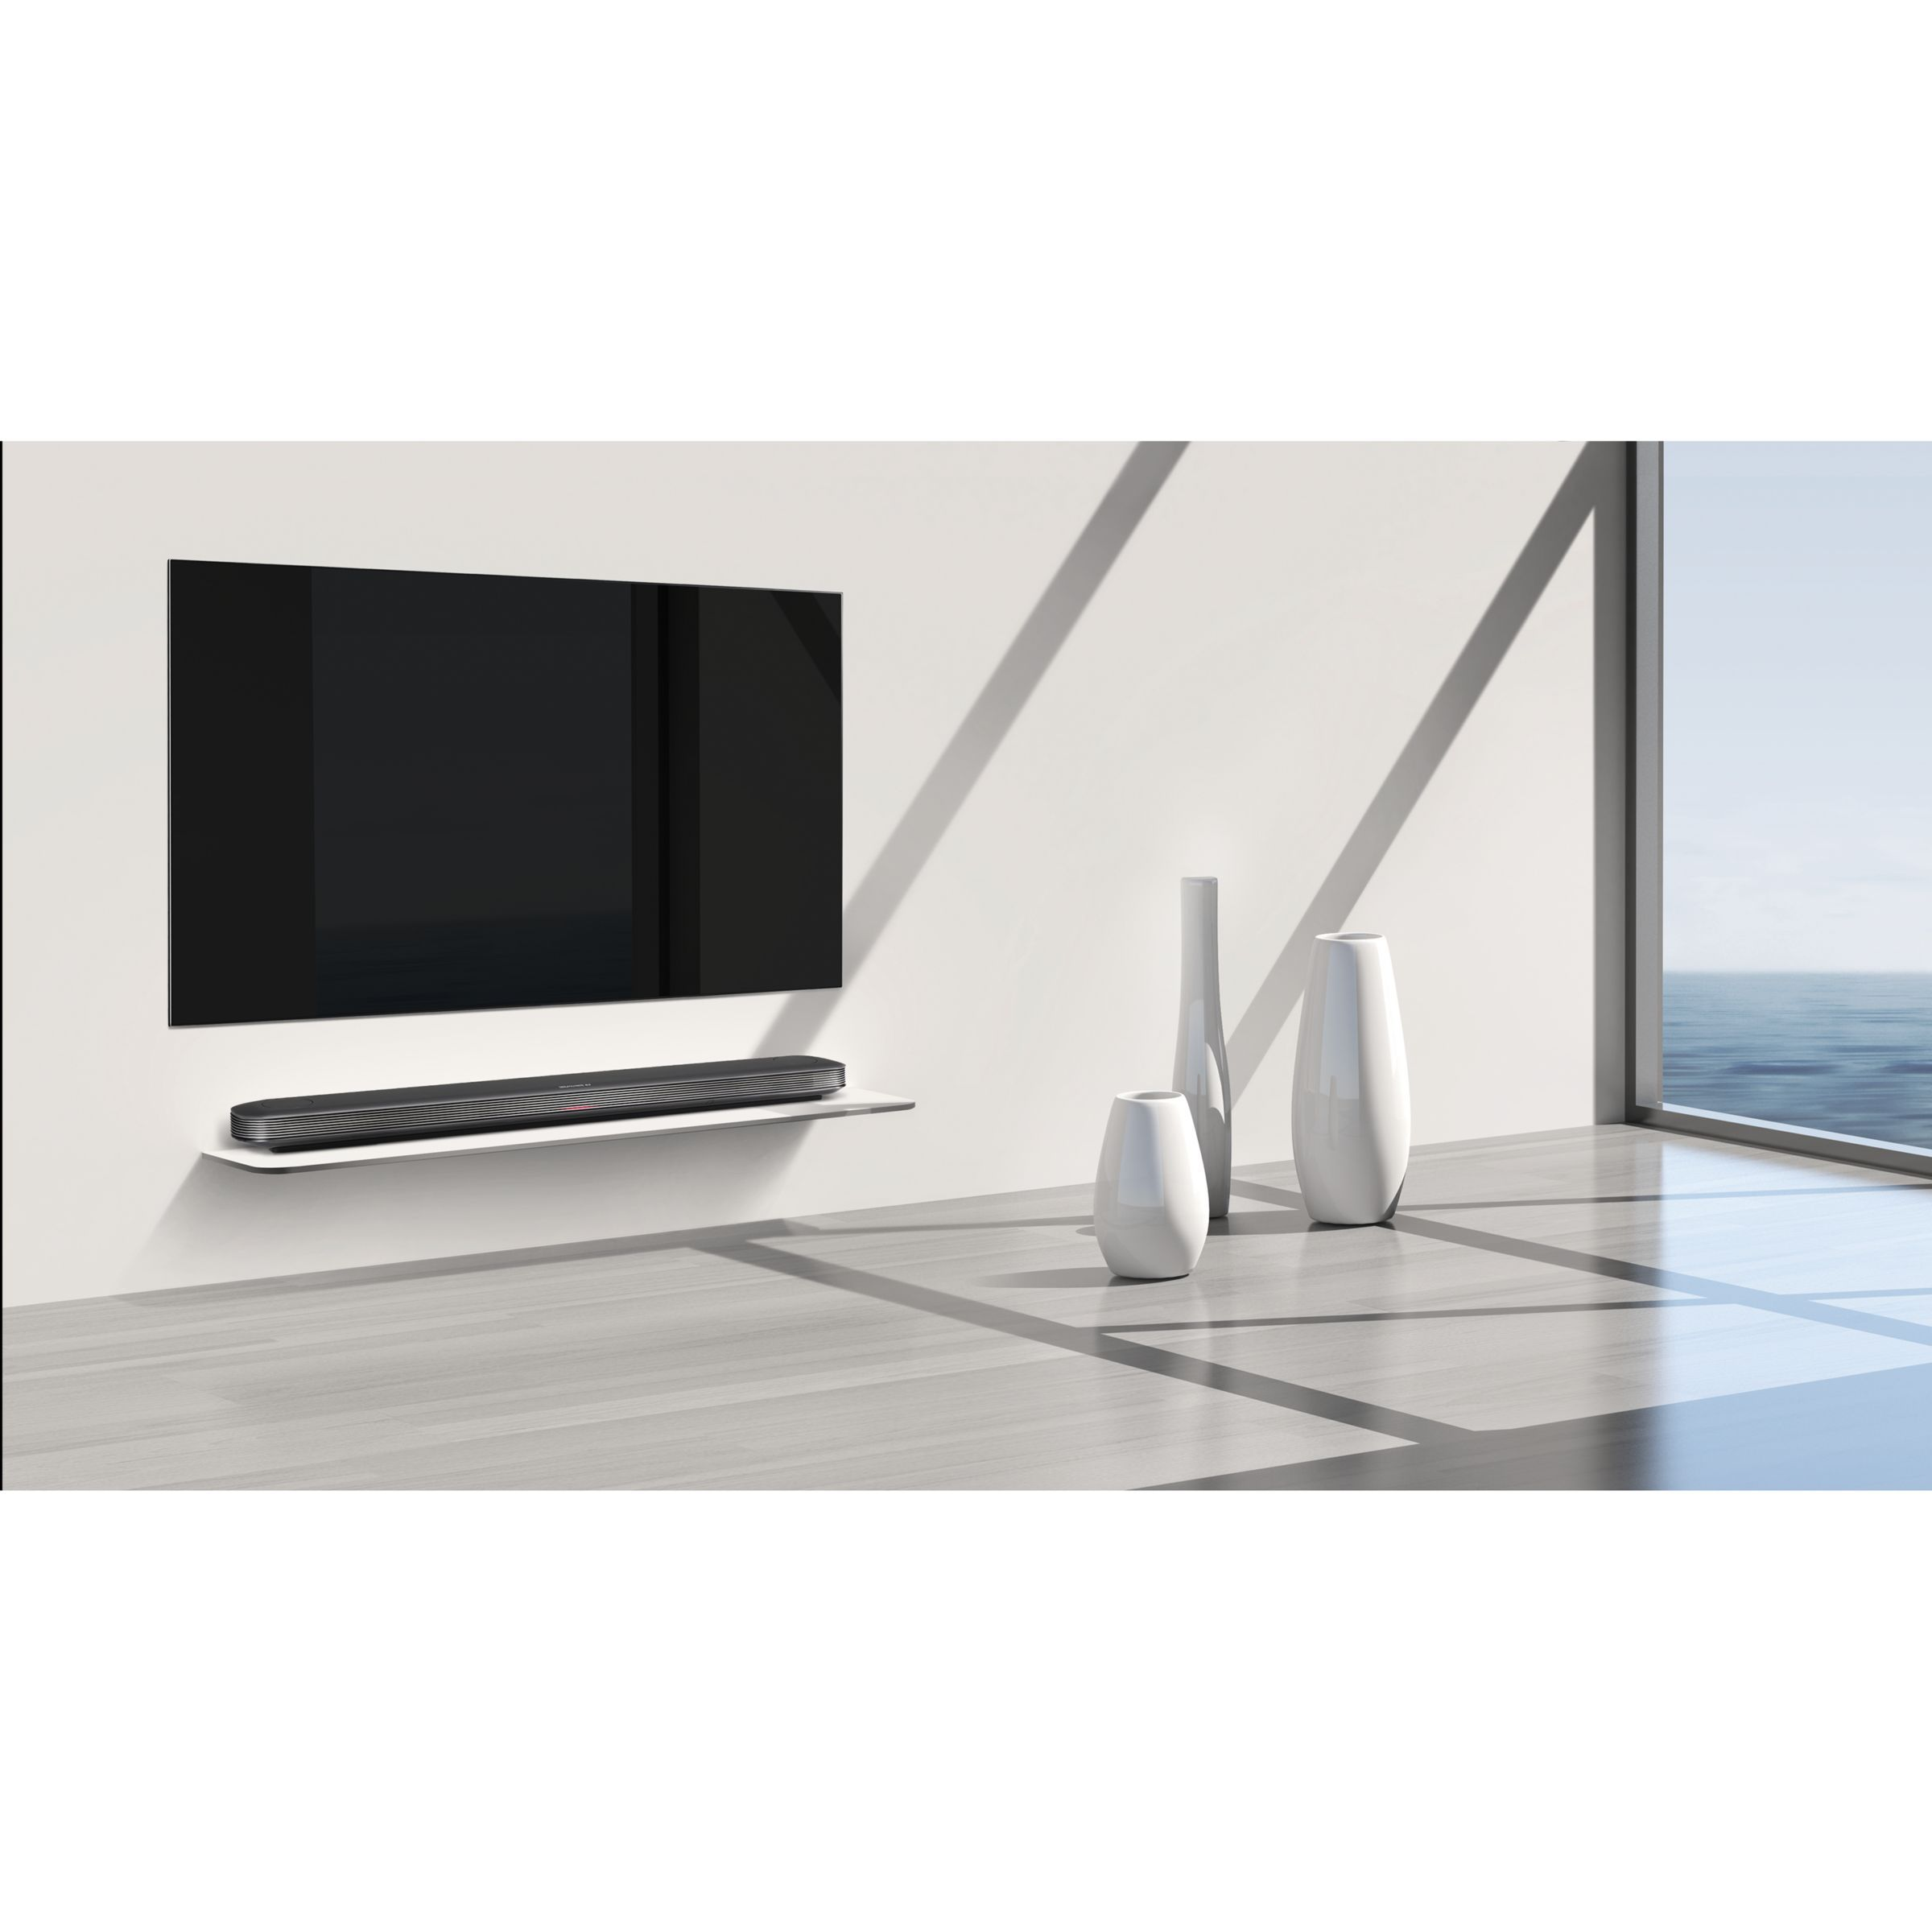 LG OLED65W7V Signature OLED HDR 4K Ultra HD Smart TV, 65